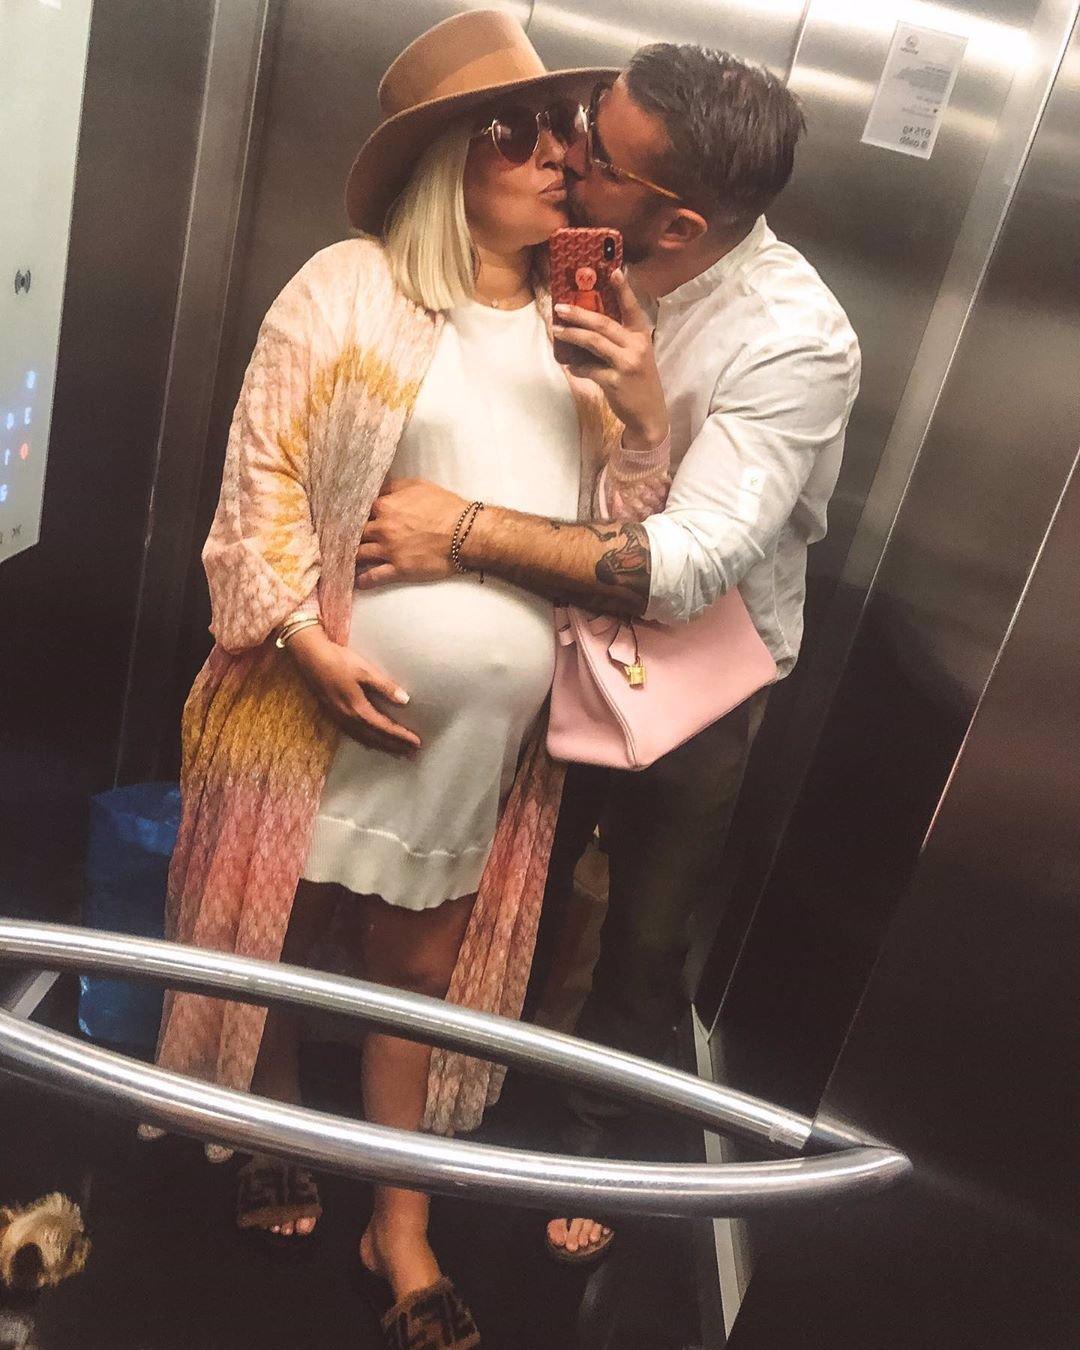 Tenistka Dominika Cibulková obětí nestoudných zlodějů: Zatímco rodila syna, vykradli jí chatu